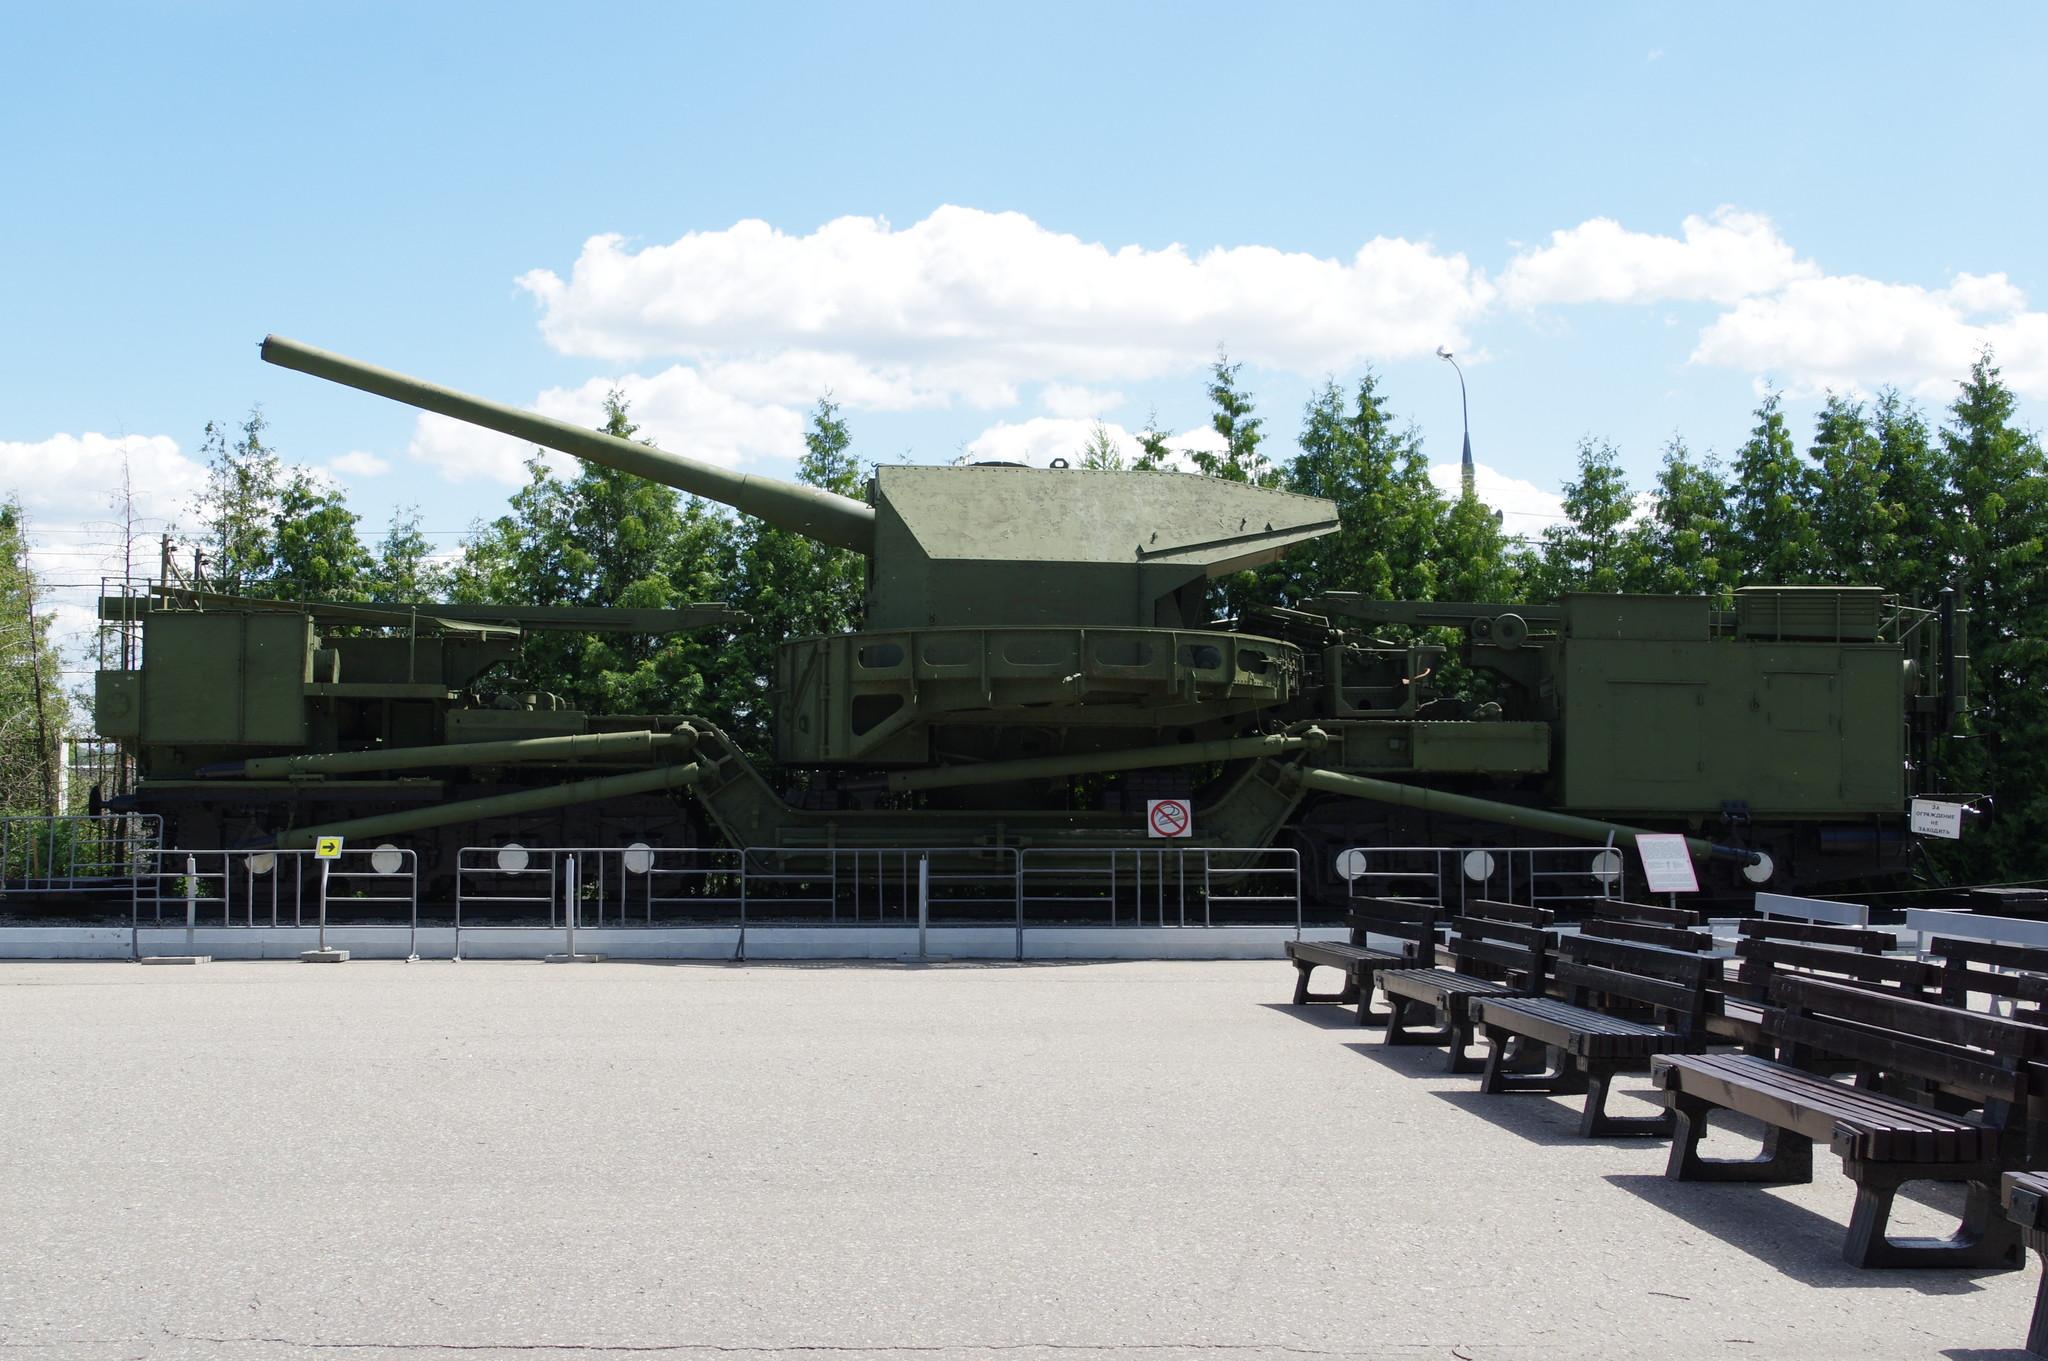 Железнодорожный артиллерийский транспортер купить рулевую рейку к фольксвагену транспортеру